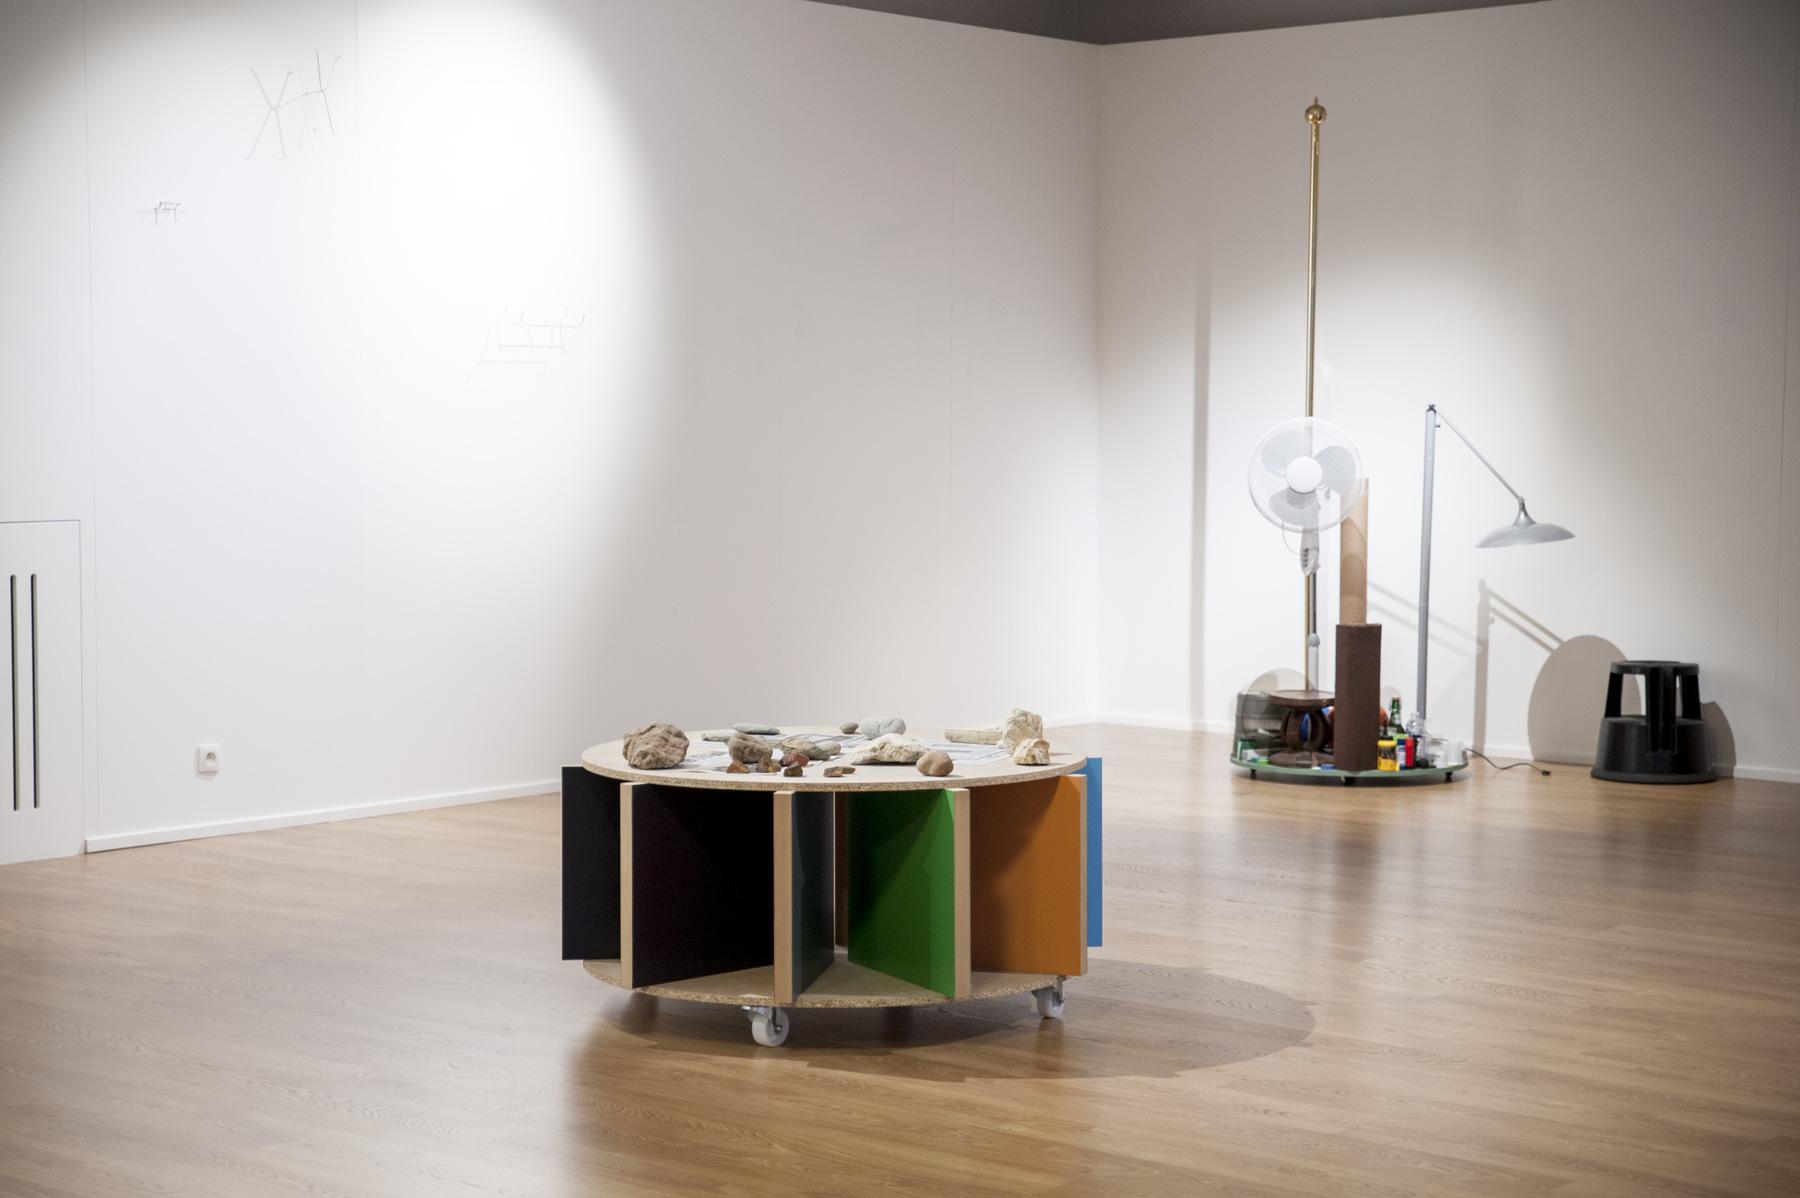 Raffaella Crispino- Hans Demeulenaere, installation view 4